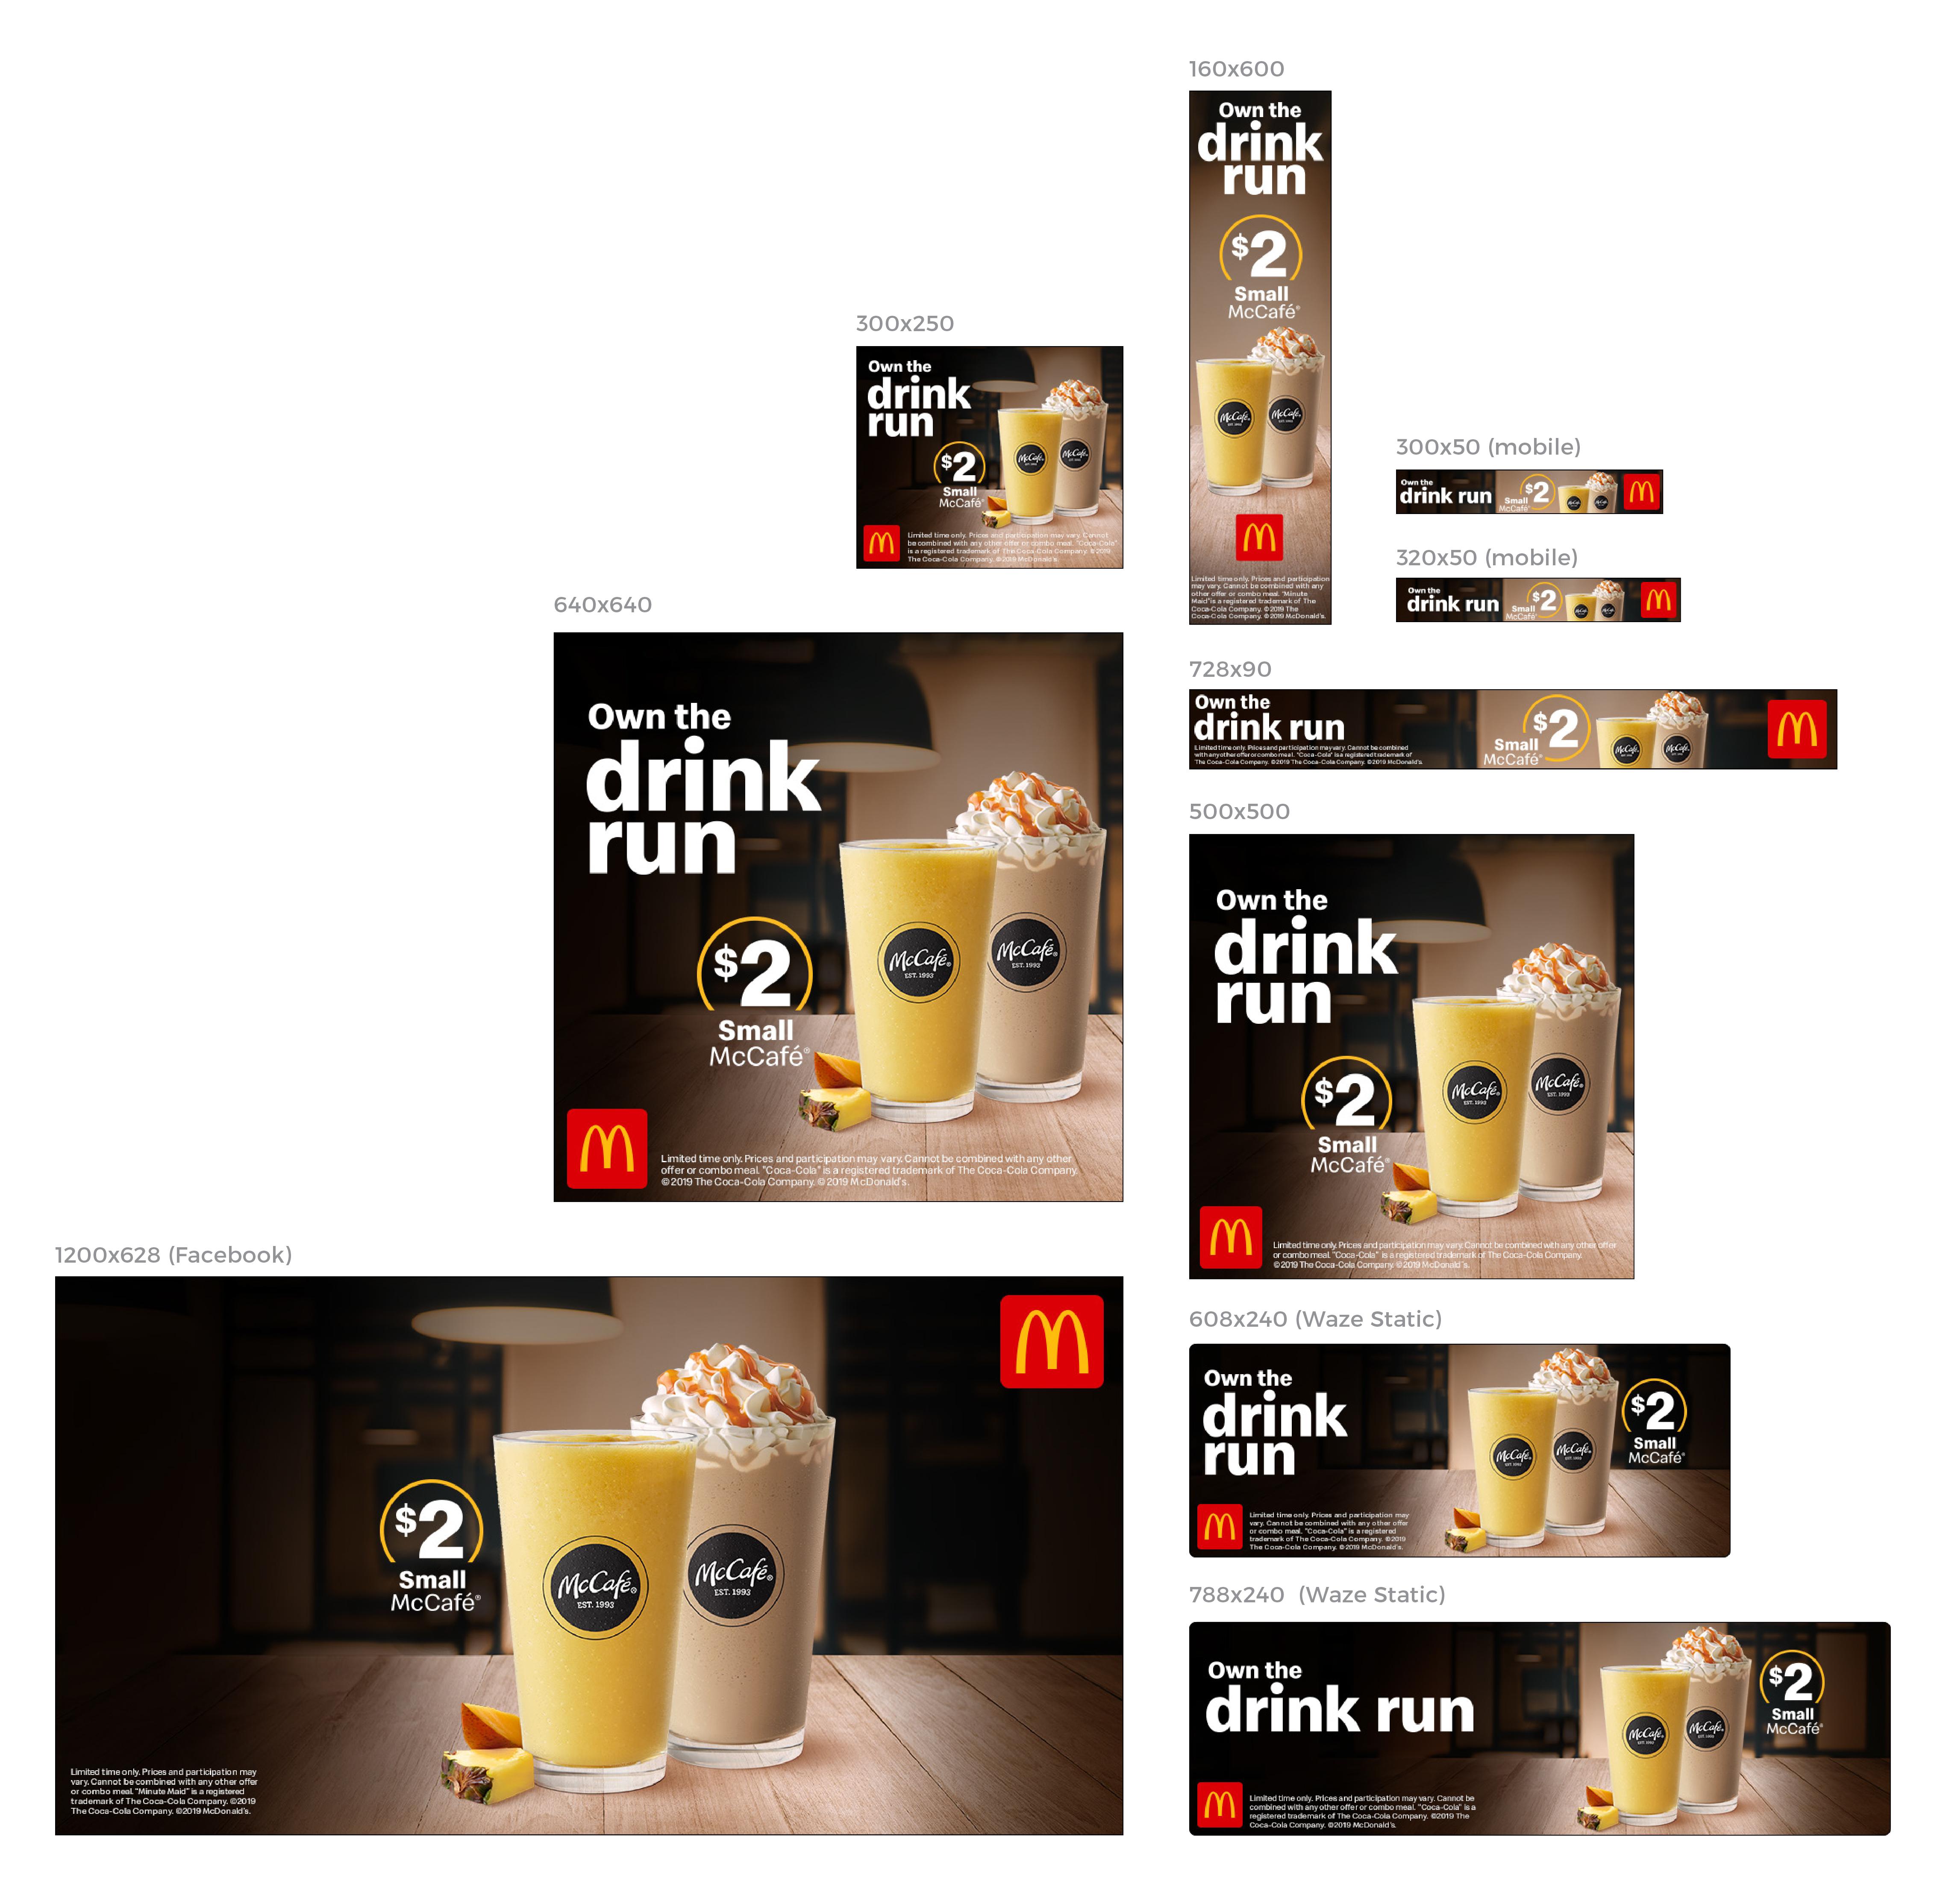 Drink_Run_LVA_Statics